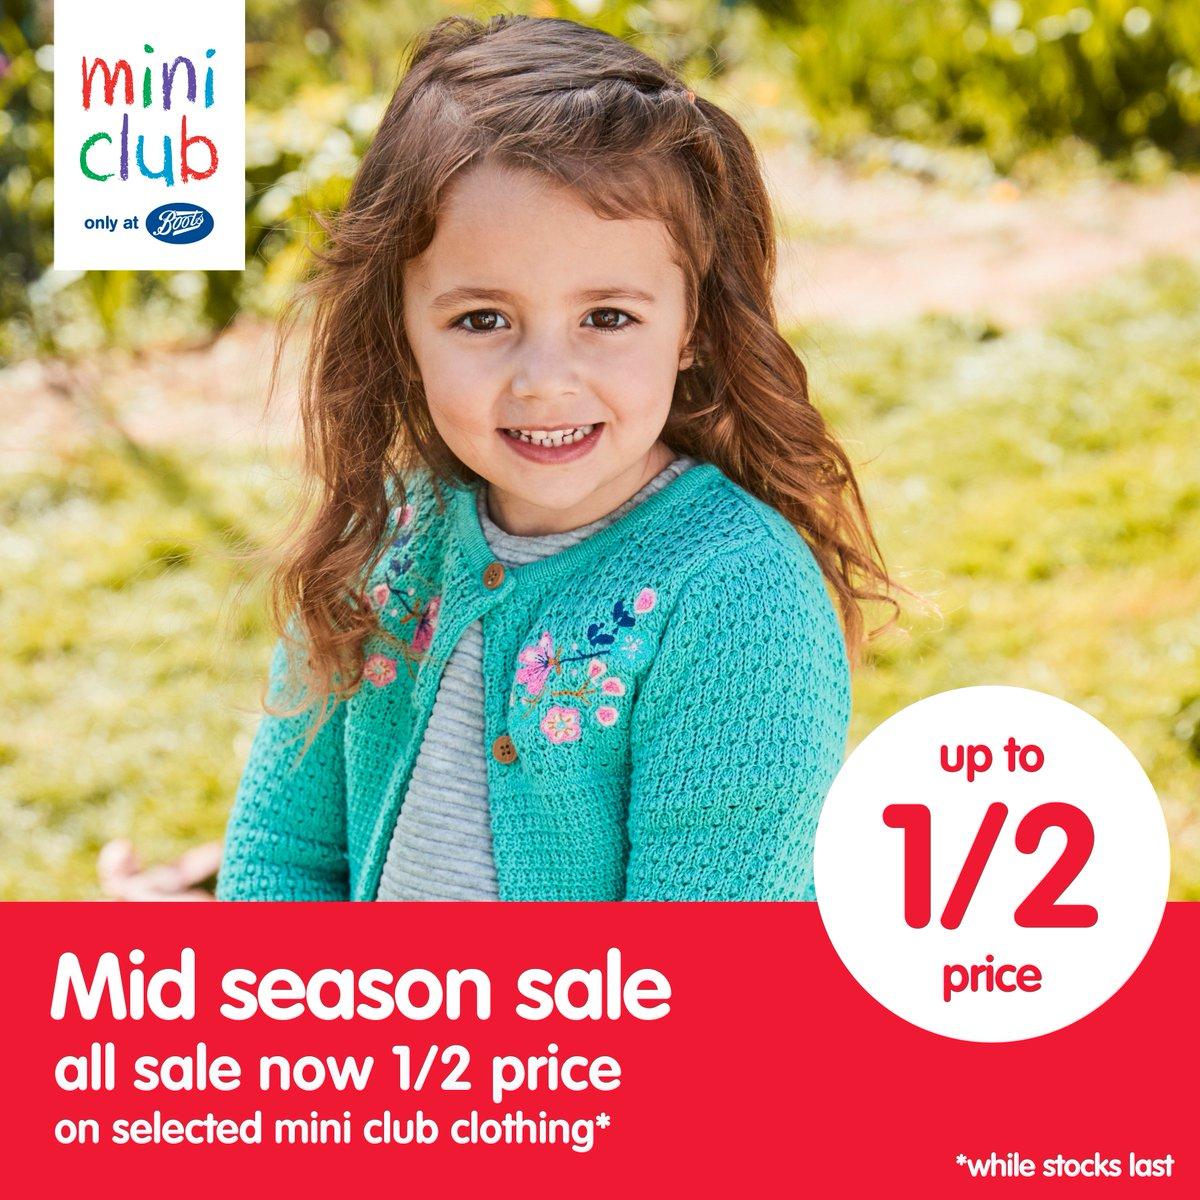 8025ab074b60 #BootsIre Ireland mini club mid-season sale starts tomorrow!  #boots  #minifashion #sale #discount #storespic.twitter.com/6Ja9Q9YOJD